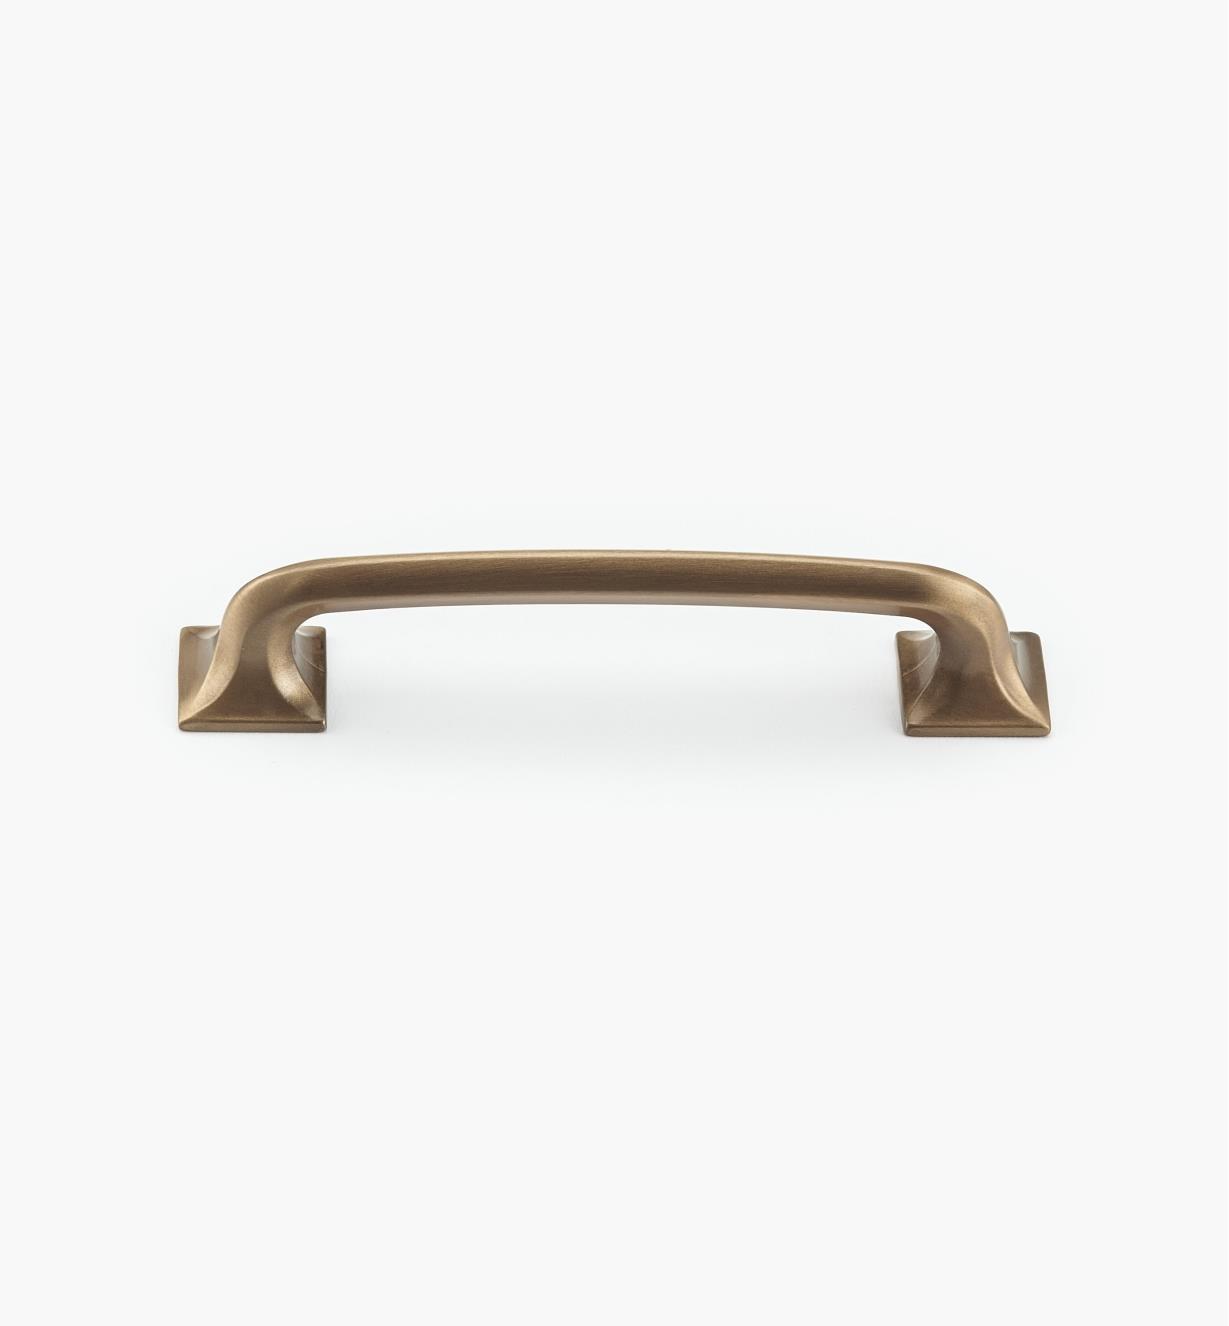 02G0414 - Poignée à pieds carrés de 5po, série Northport, bronze bruni